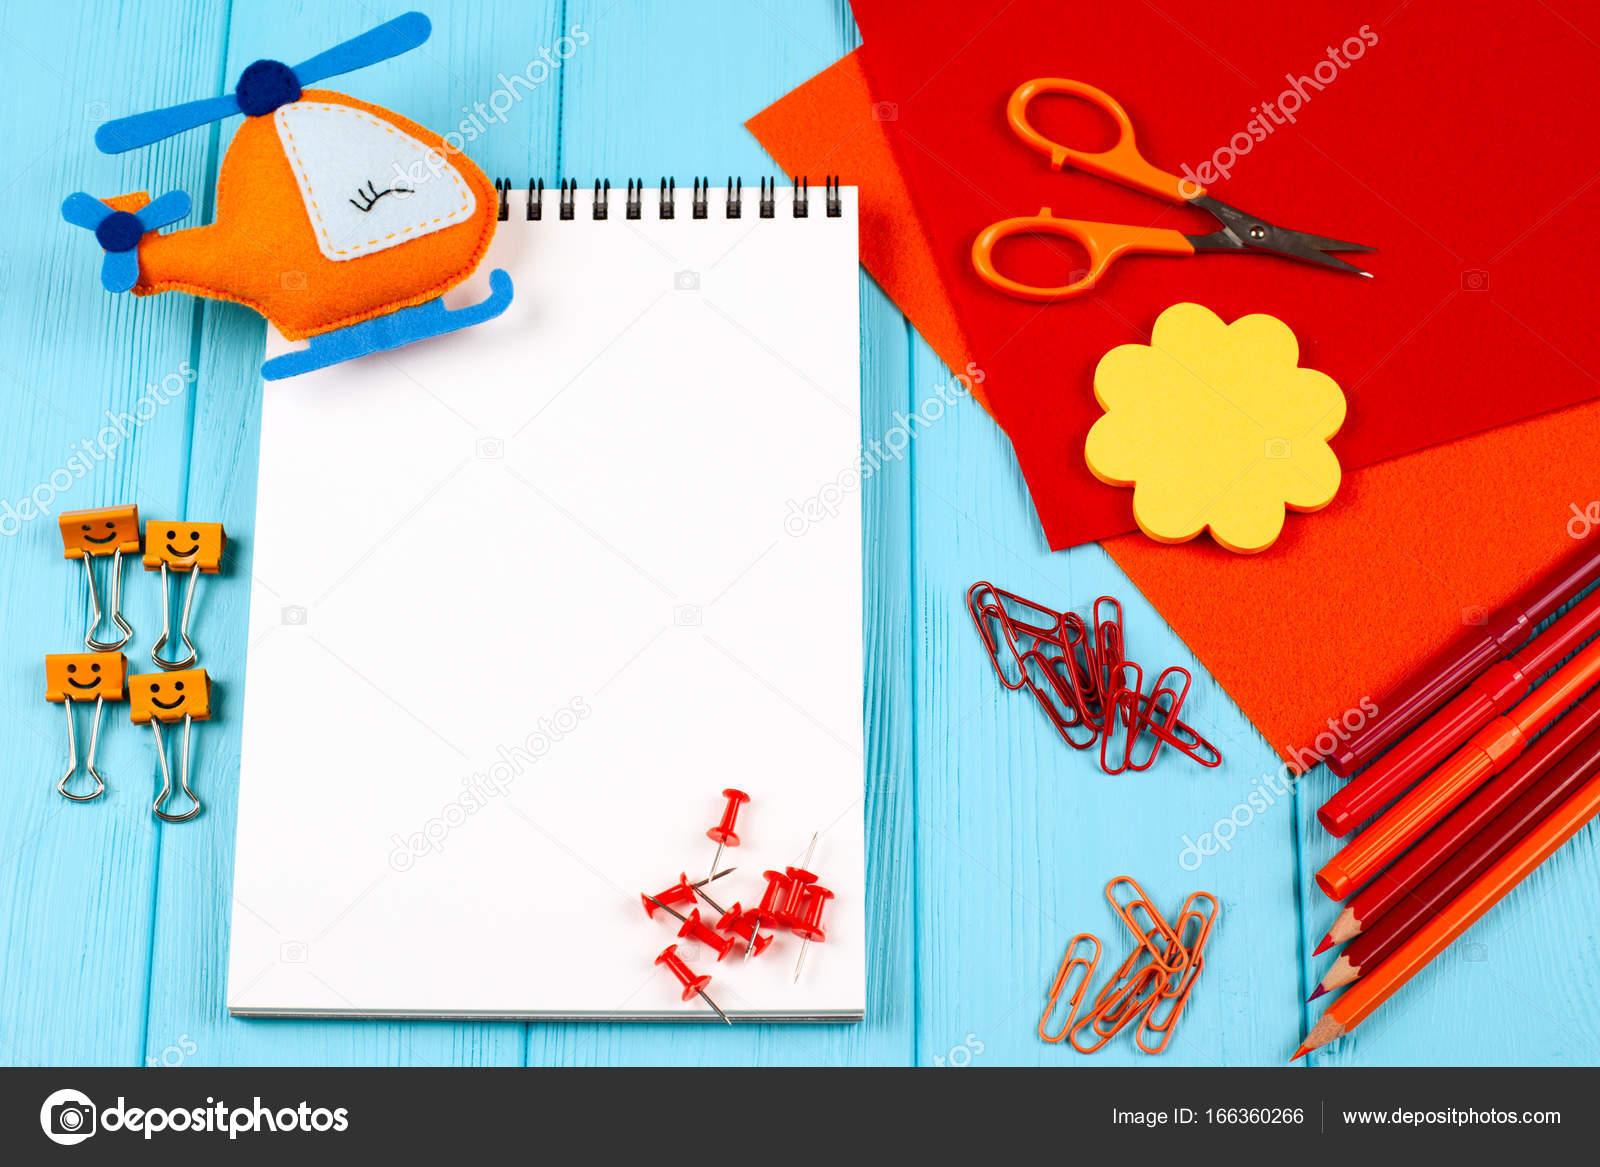 Rot und orange Buntstifte, Filzstifte, Briefpapier, Büroklammern ...